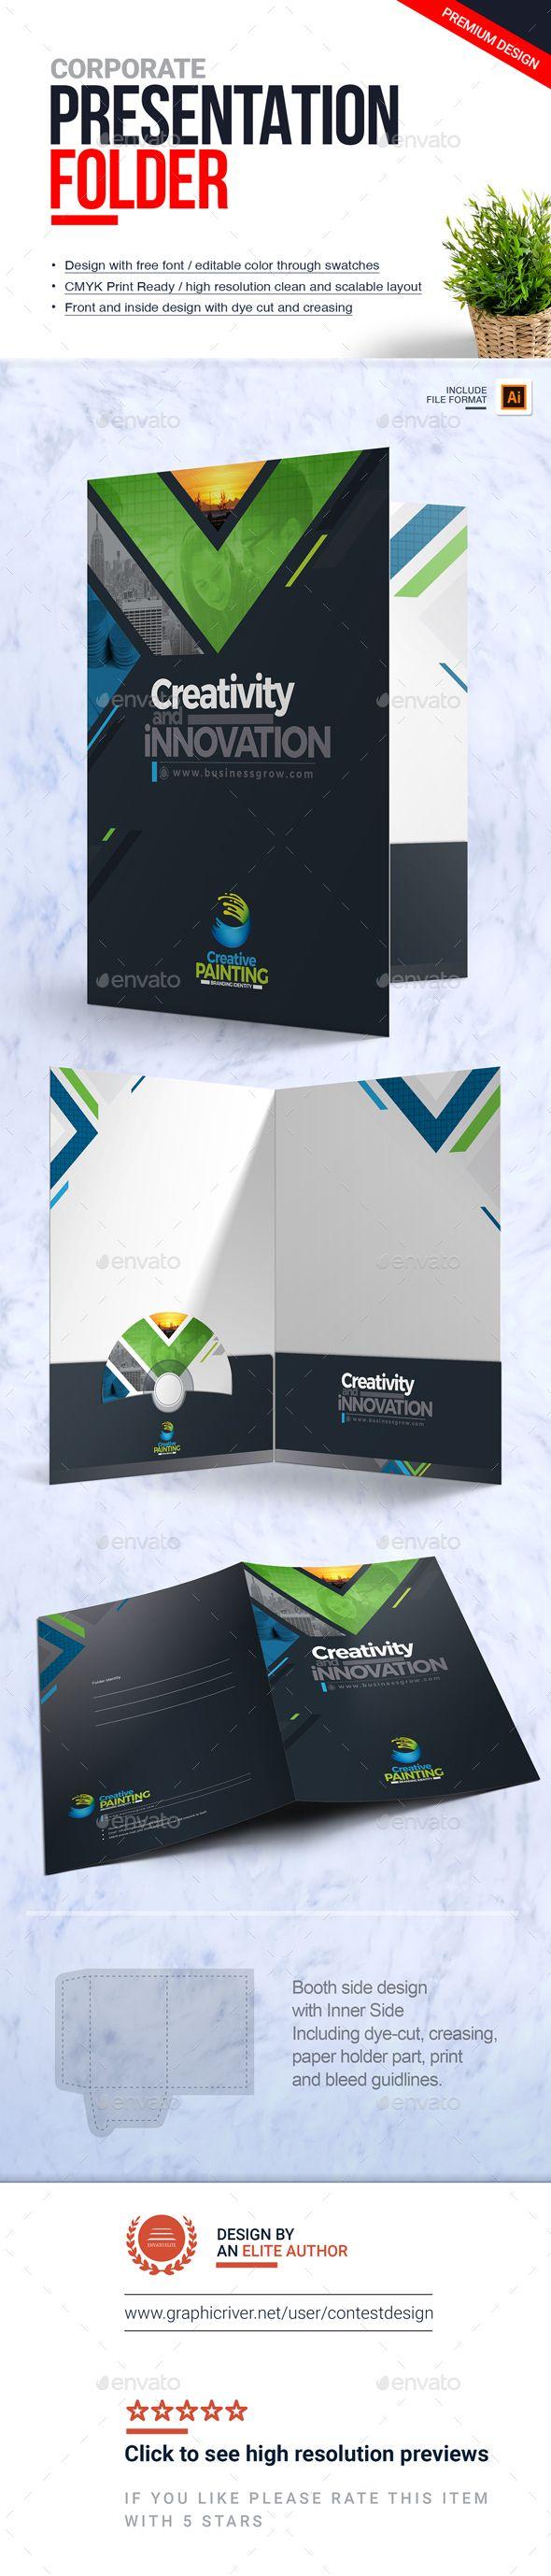 Presentation Folder | File-Paper-Document Holder Design Template